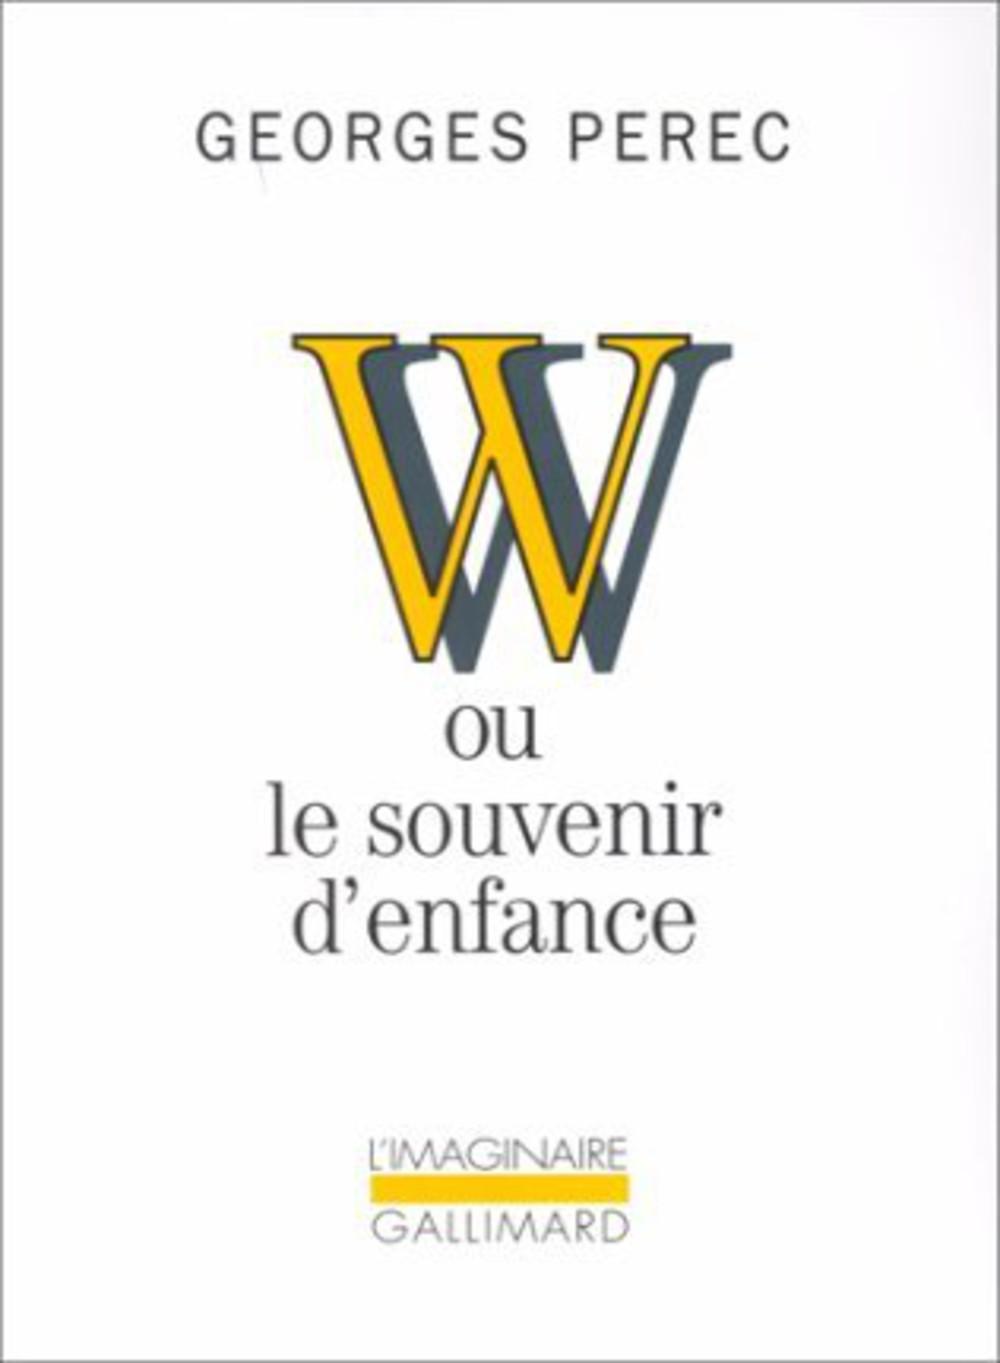 W-Georges-Perec